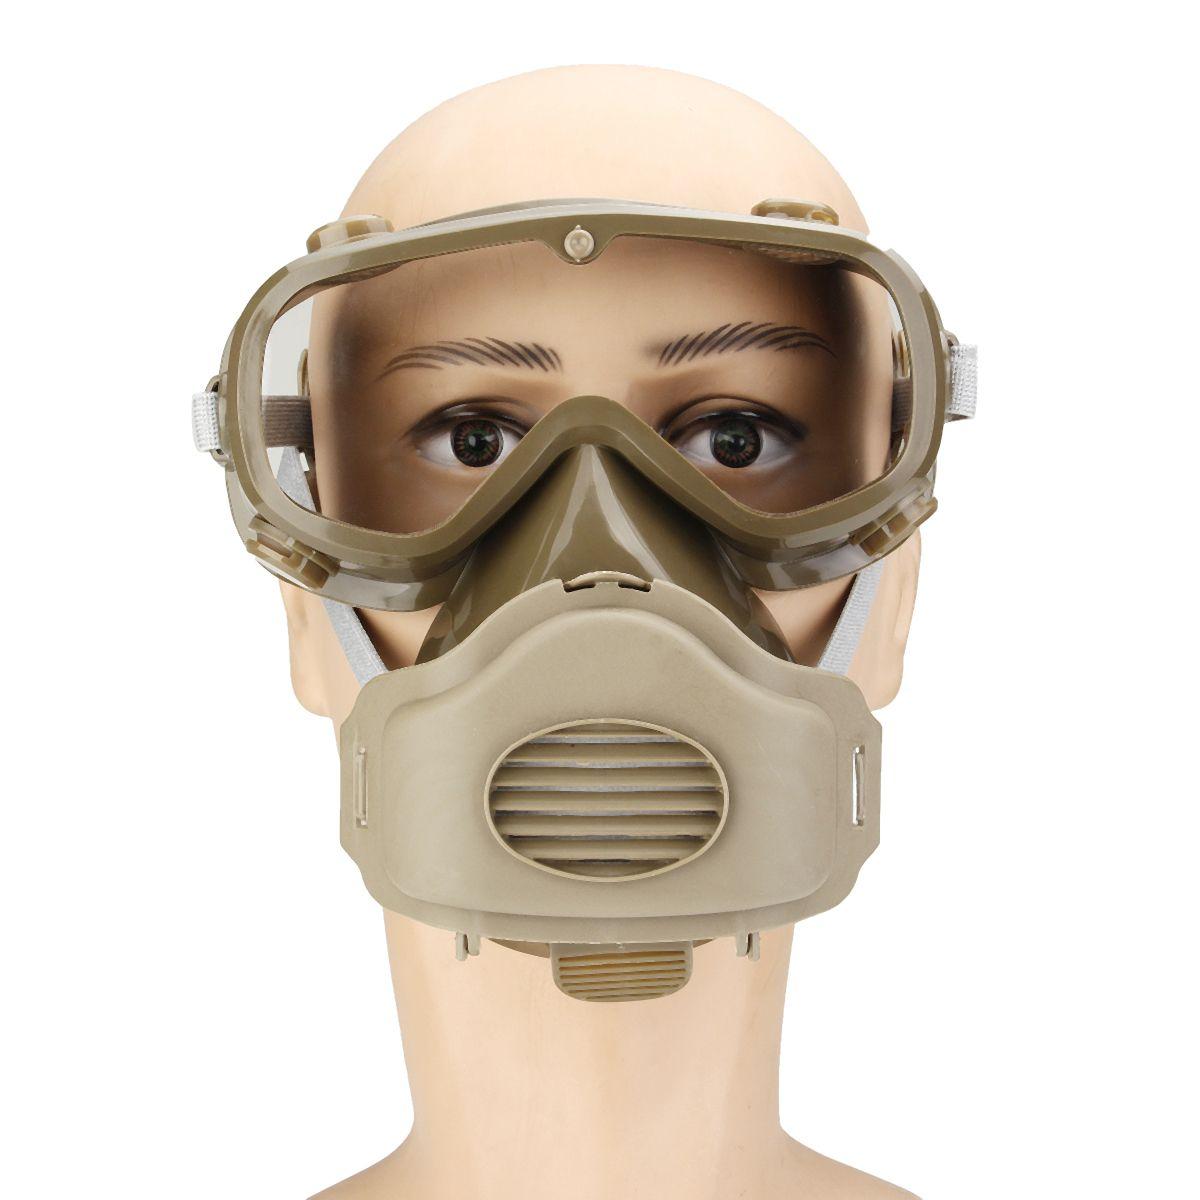 Gas Maske Volle Gesicht Gesichts Atemschutz Für Malerei Spritzen Schutzbrille Atemschutz Gas Chemische Staub Rauch Farbe Protector